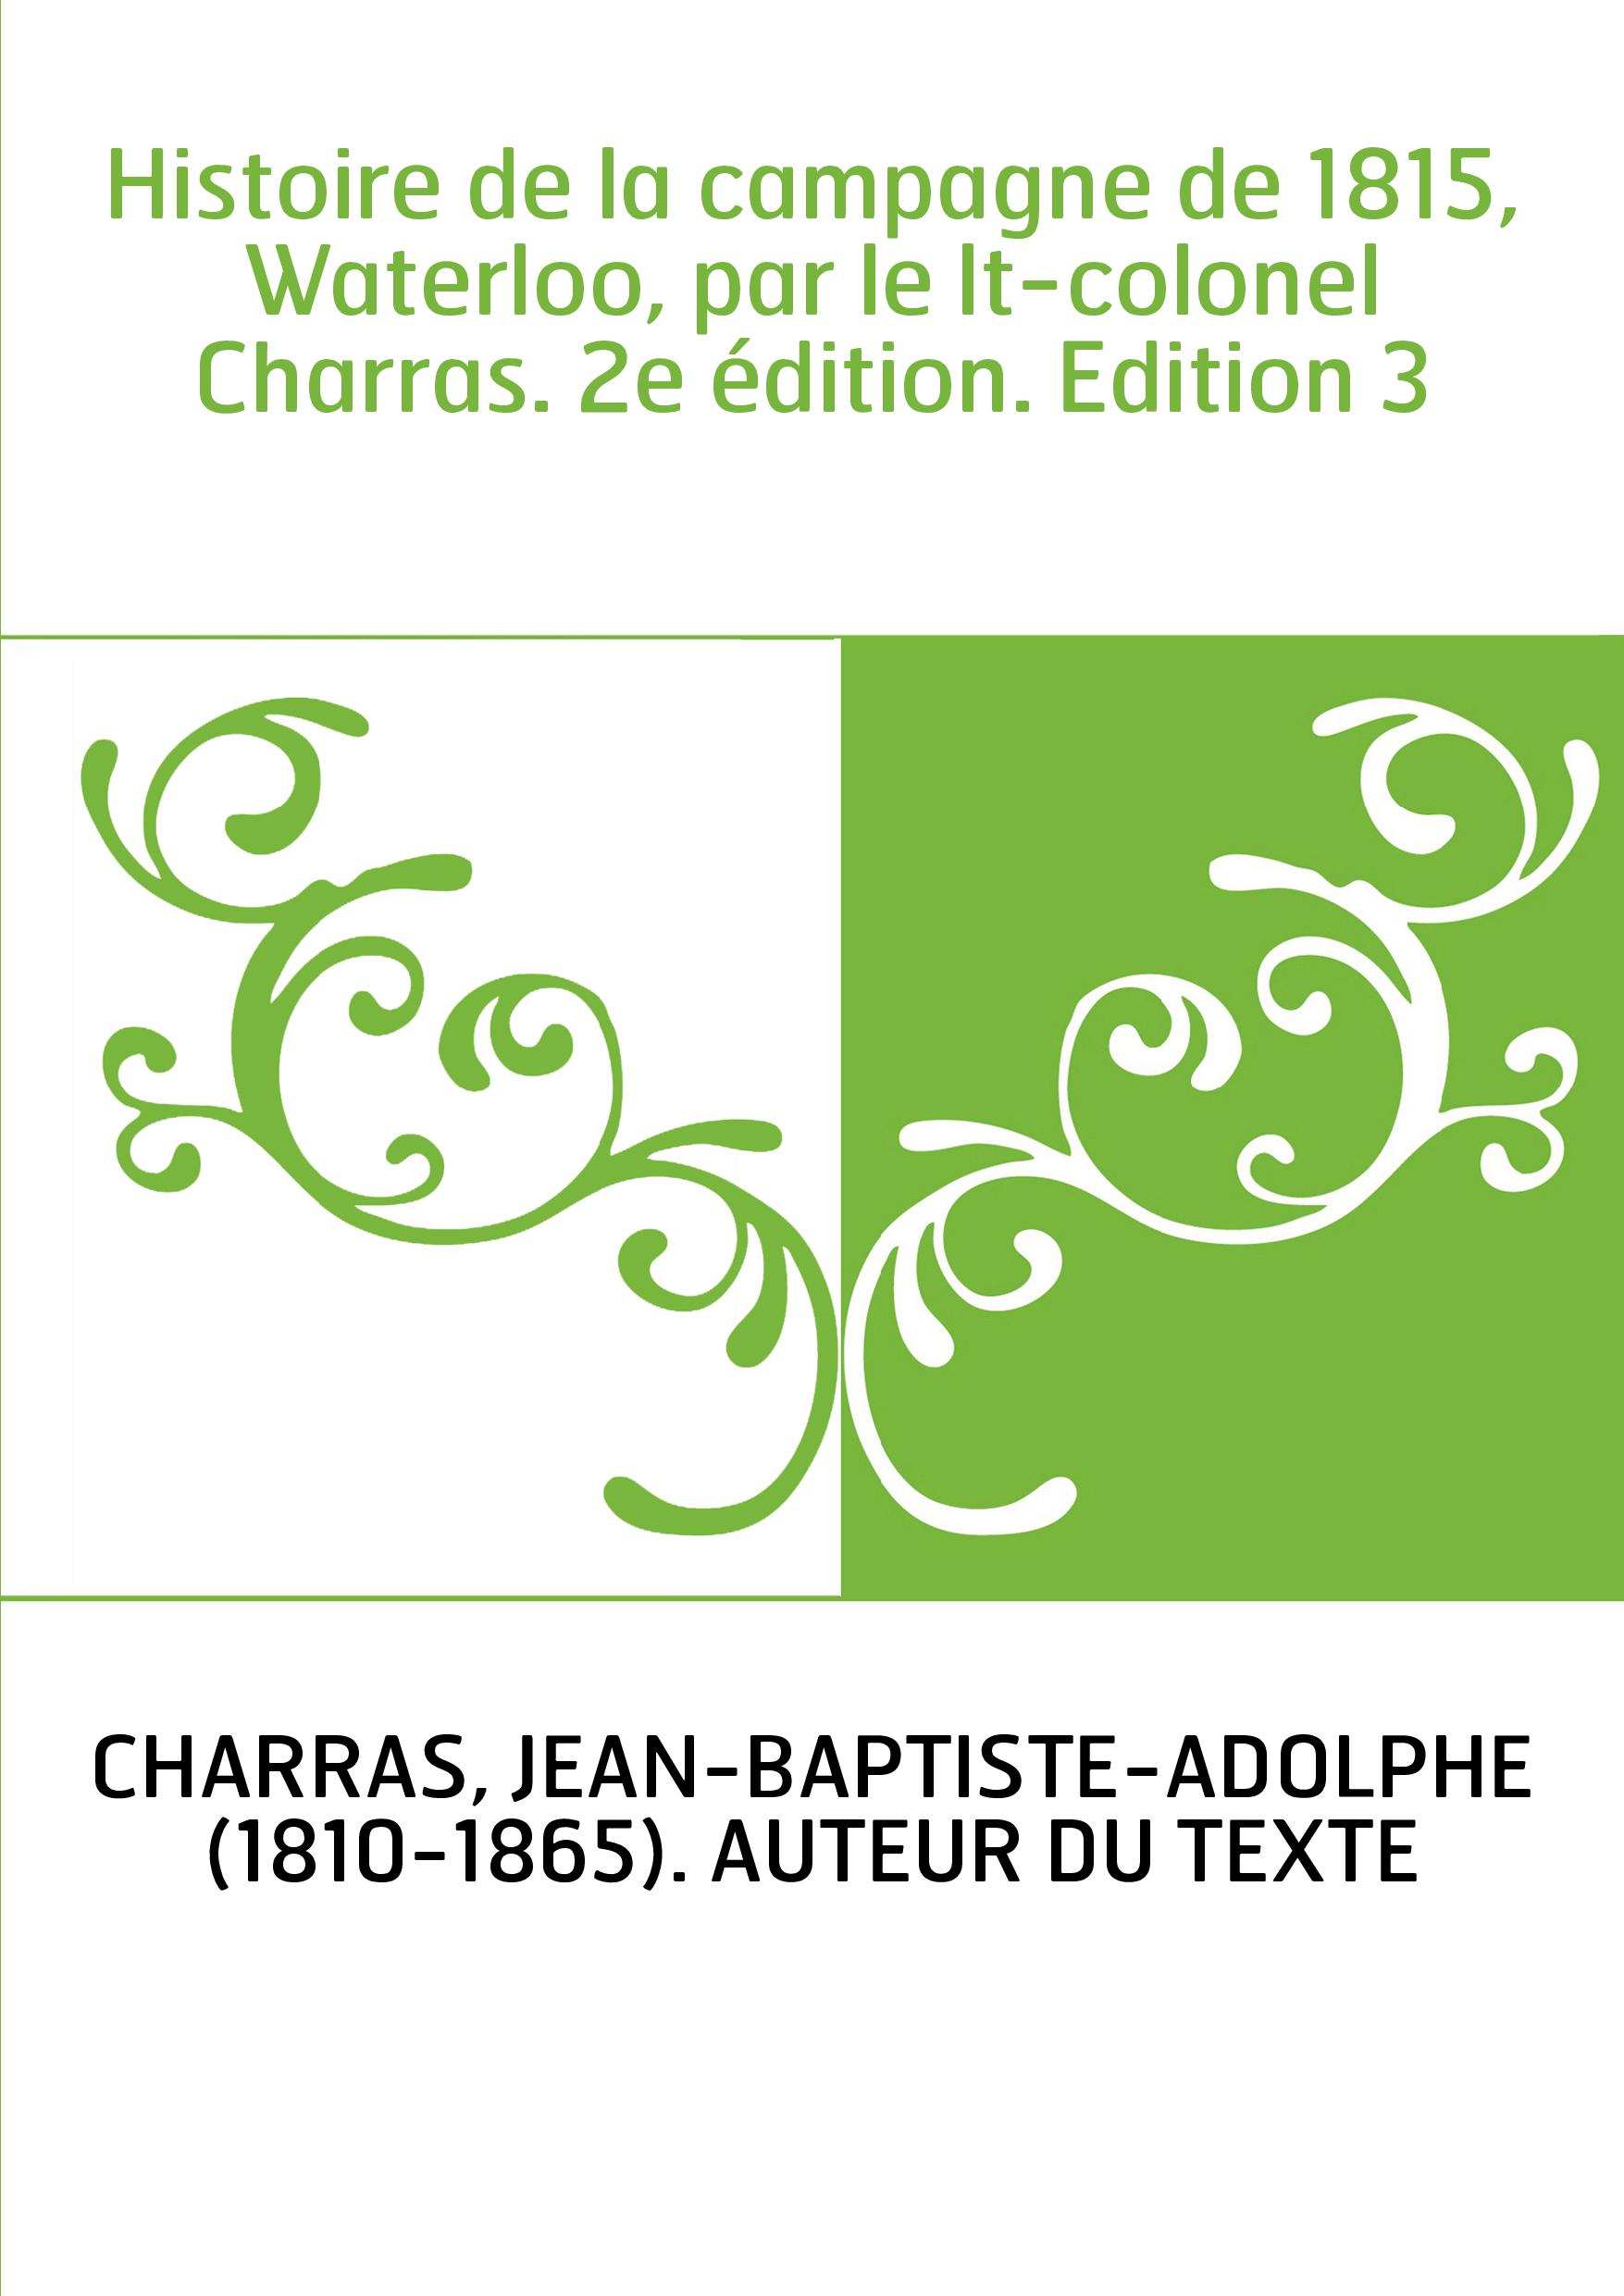 Histoire de la campagne de 1815, Waterloo, par le lt-colonel Charras. 2e édition. Edition 3